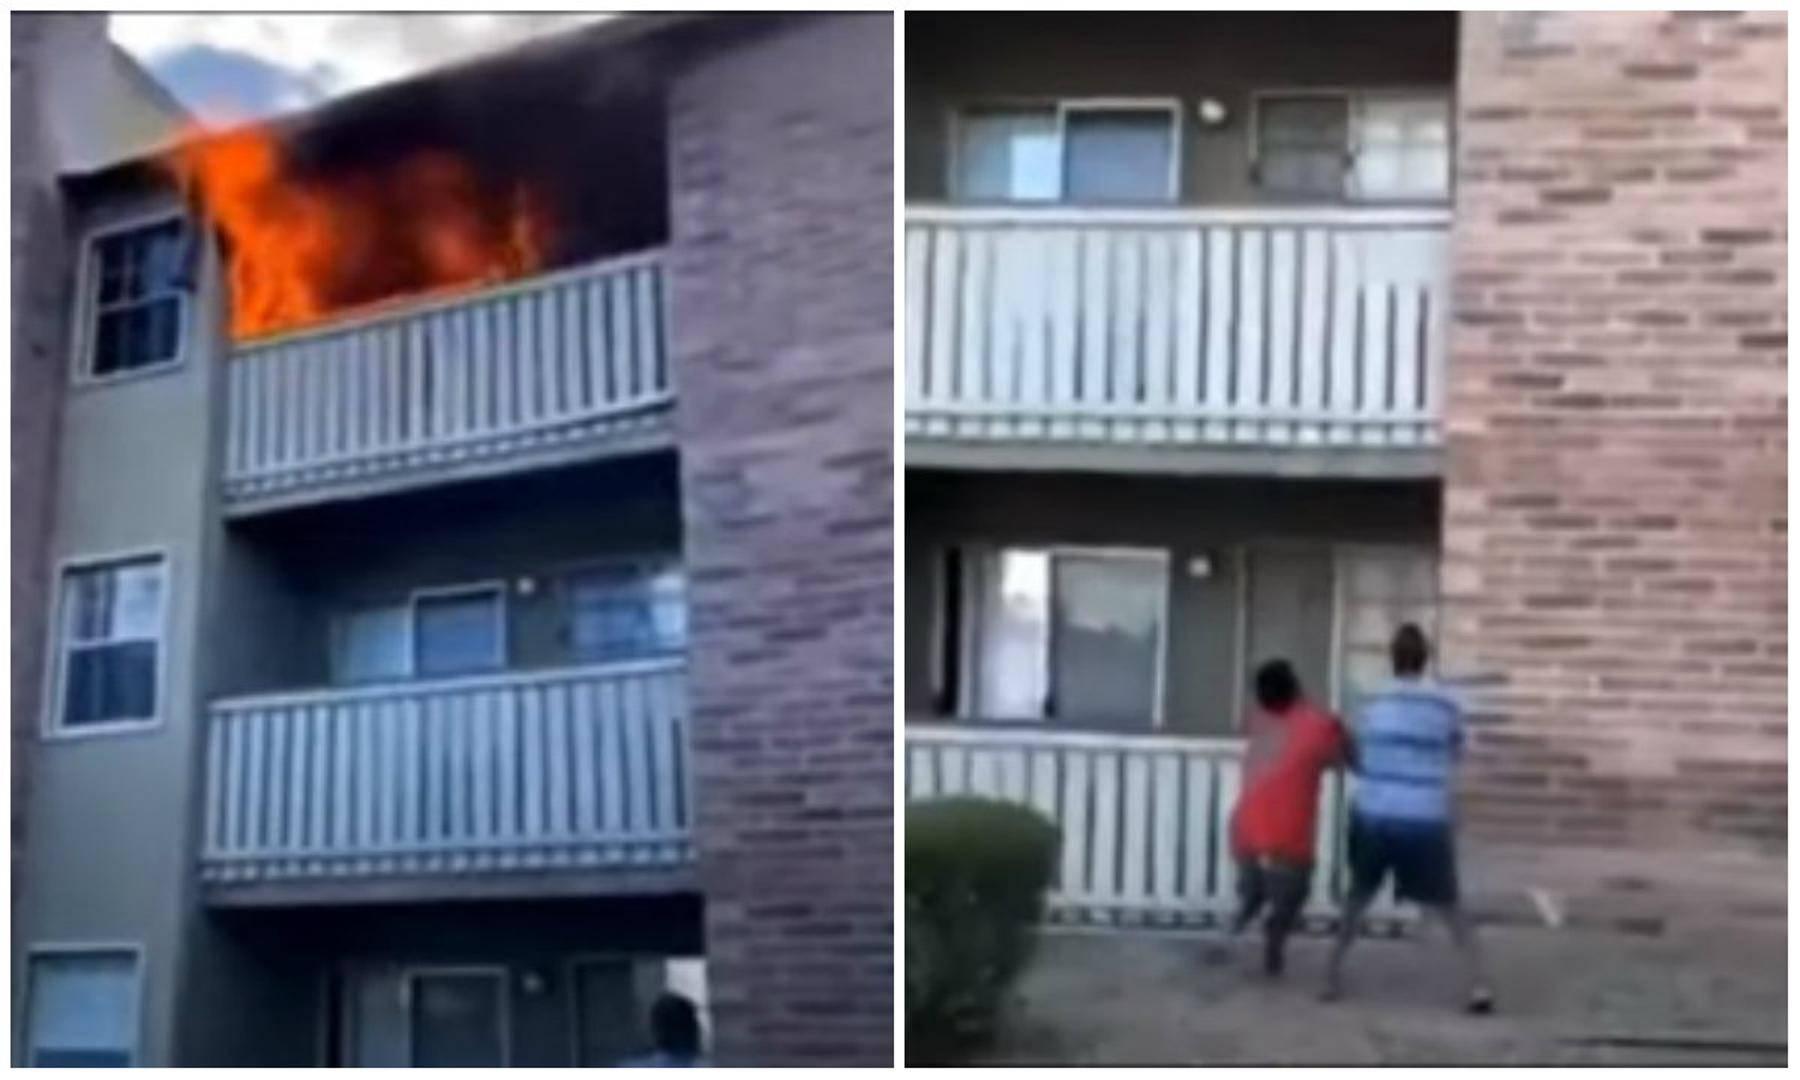 Dramatični prizori: Dijete padalo s vrha zgrade, heroj došao u zadnji trenutak